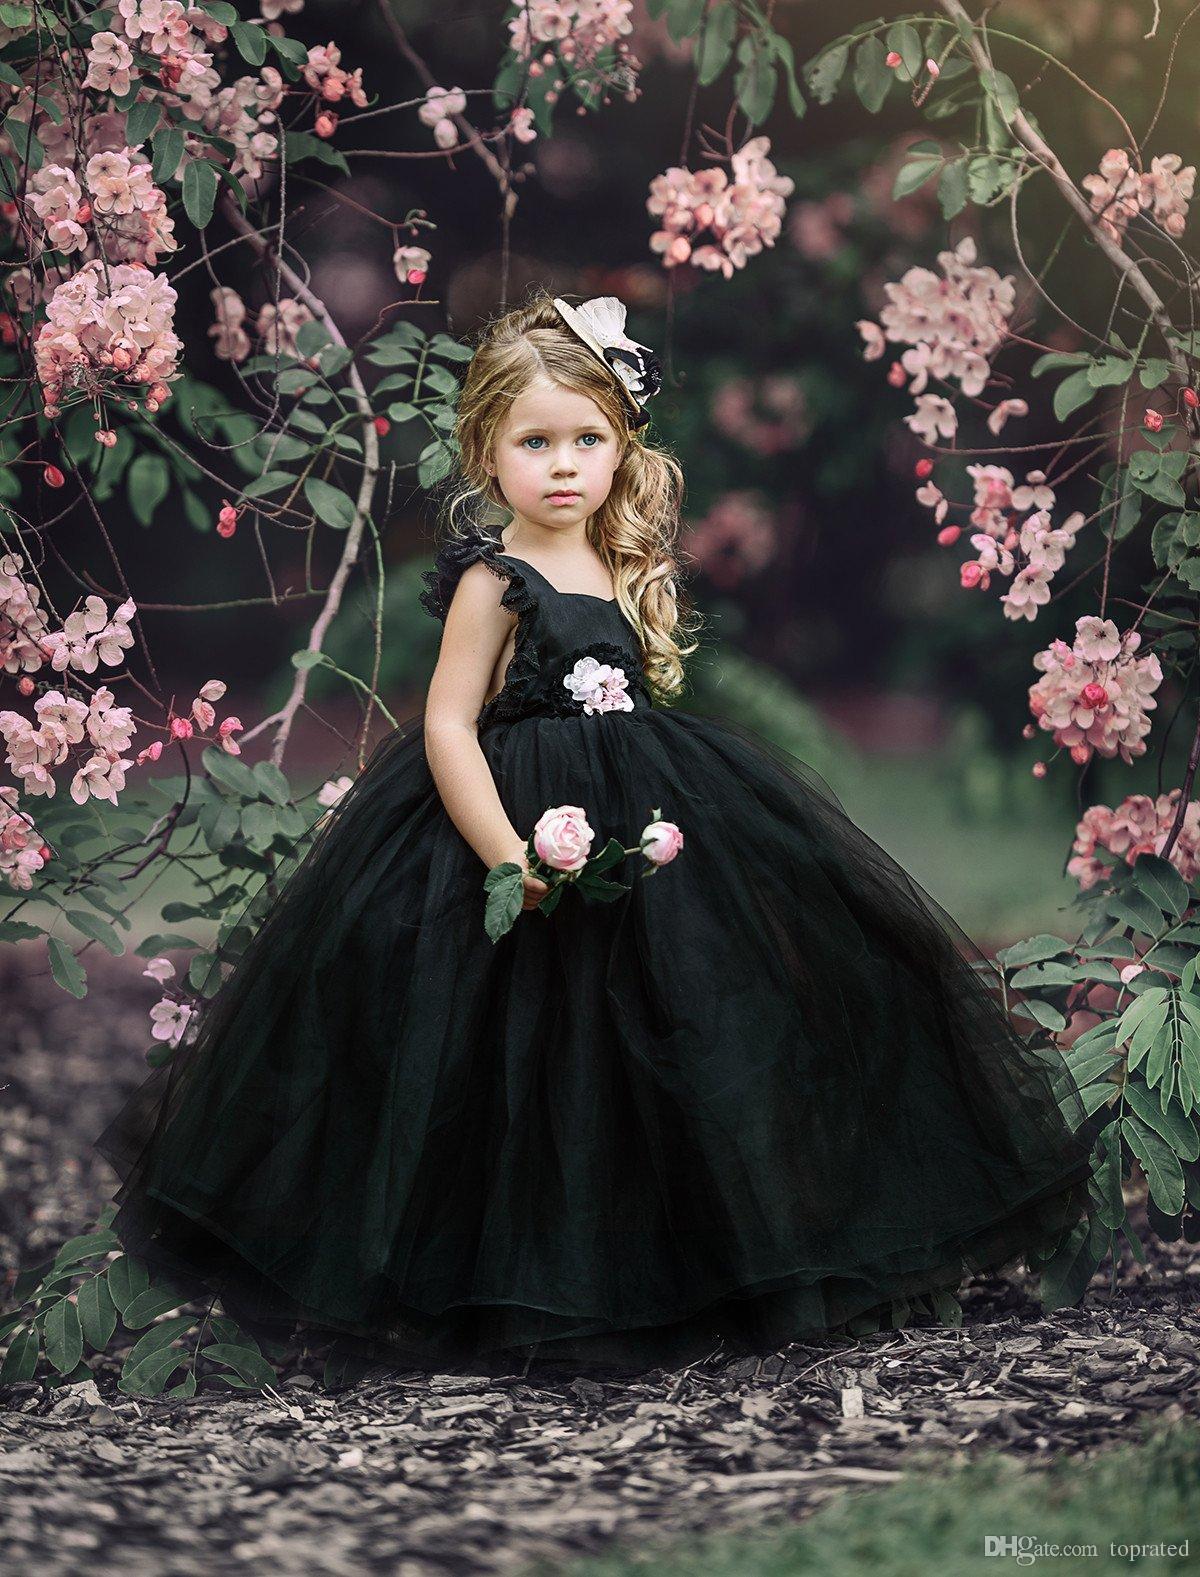 Vestidos negros para niñas Vestidos para niñas de flores Puffy Tulle encaje gorro mangas Abrir espalda 2019 Vestidos de chicas baratas para vestidos de boda de niños góticos